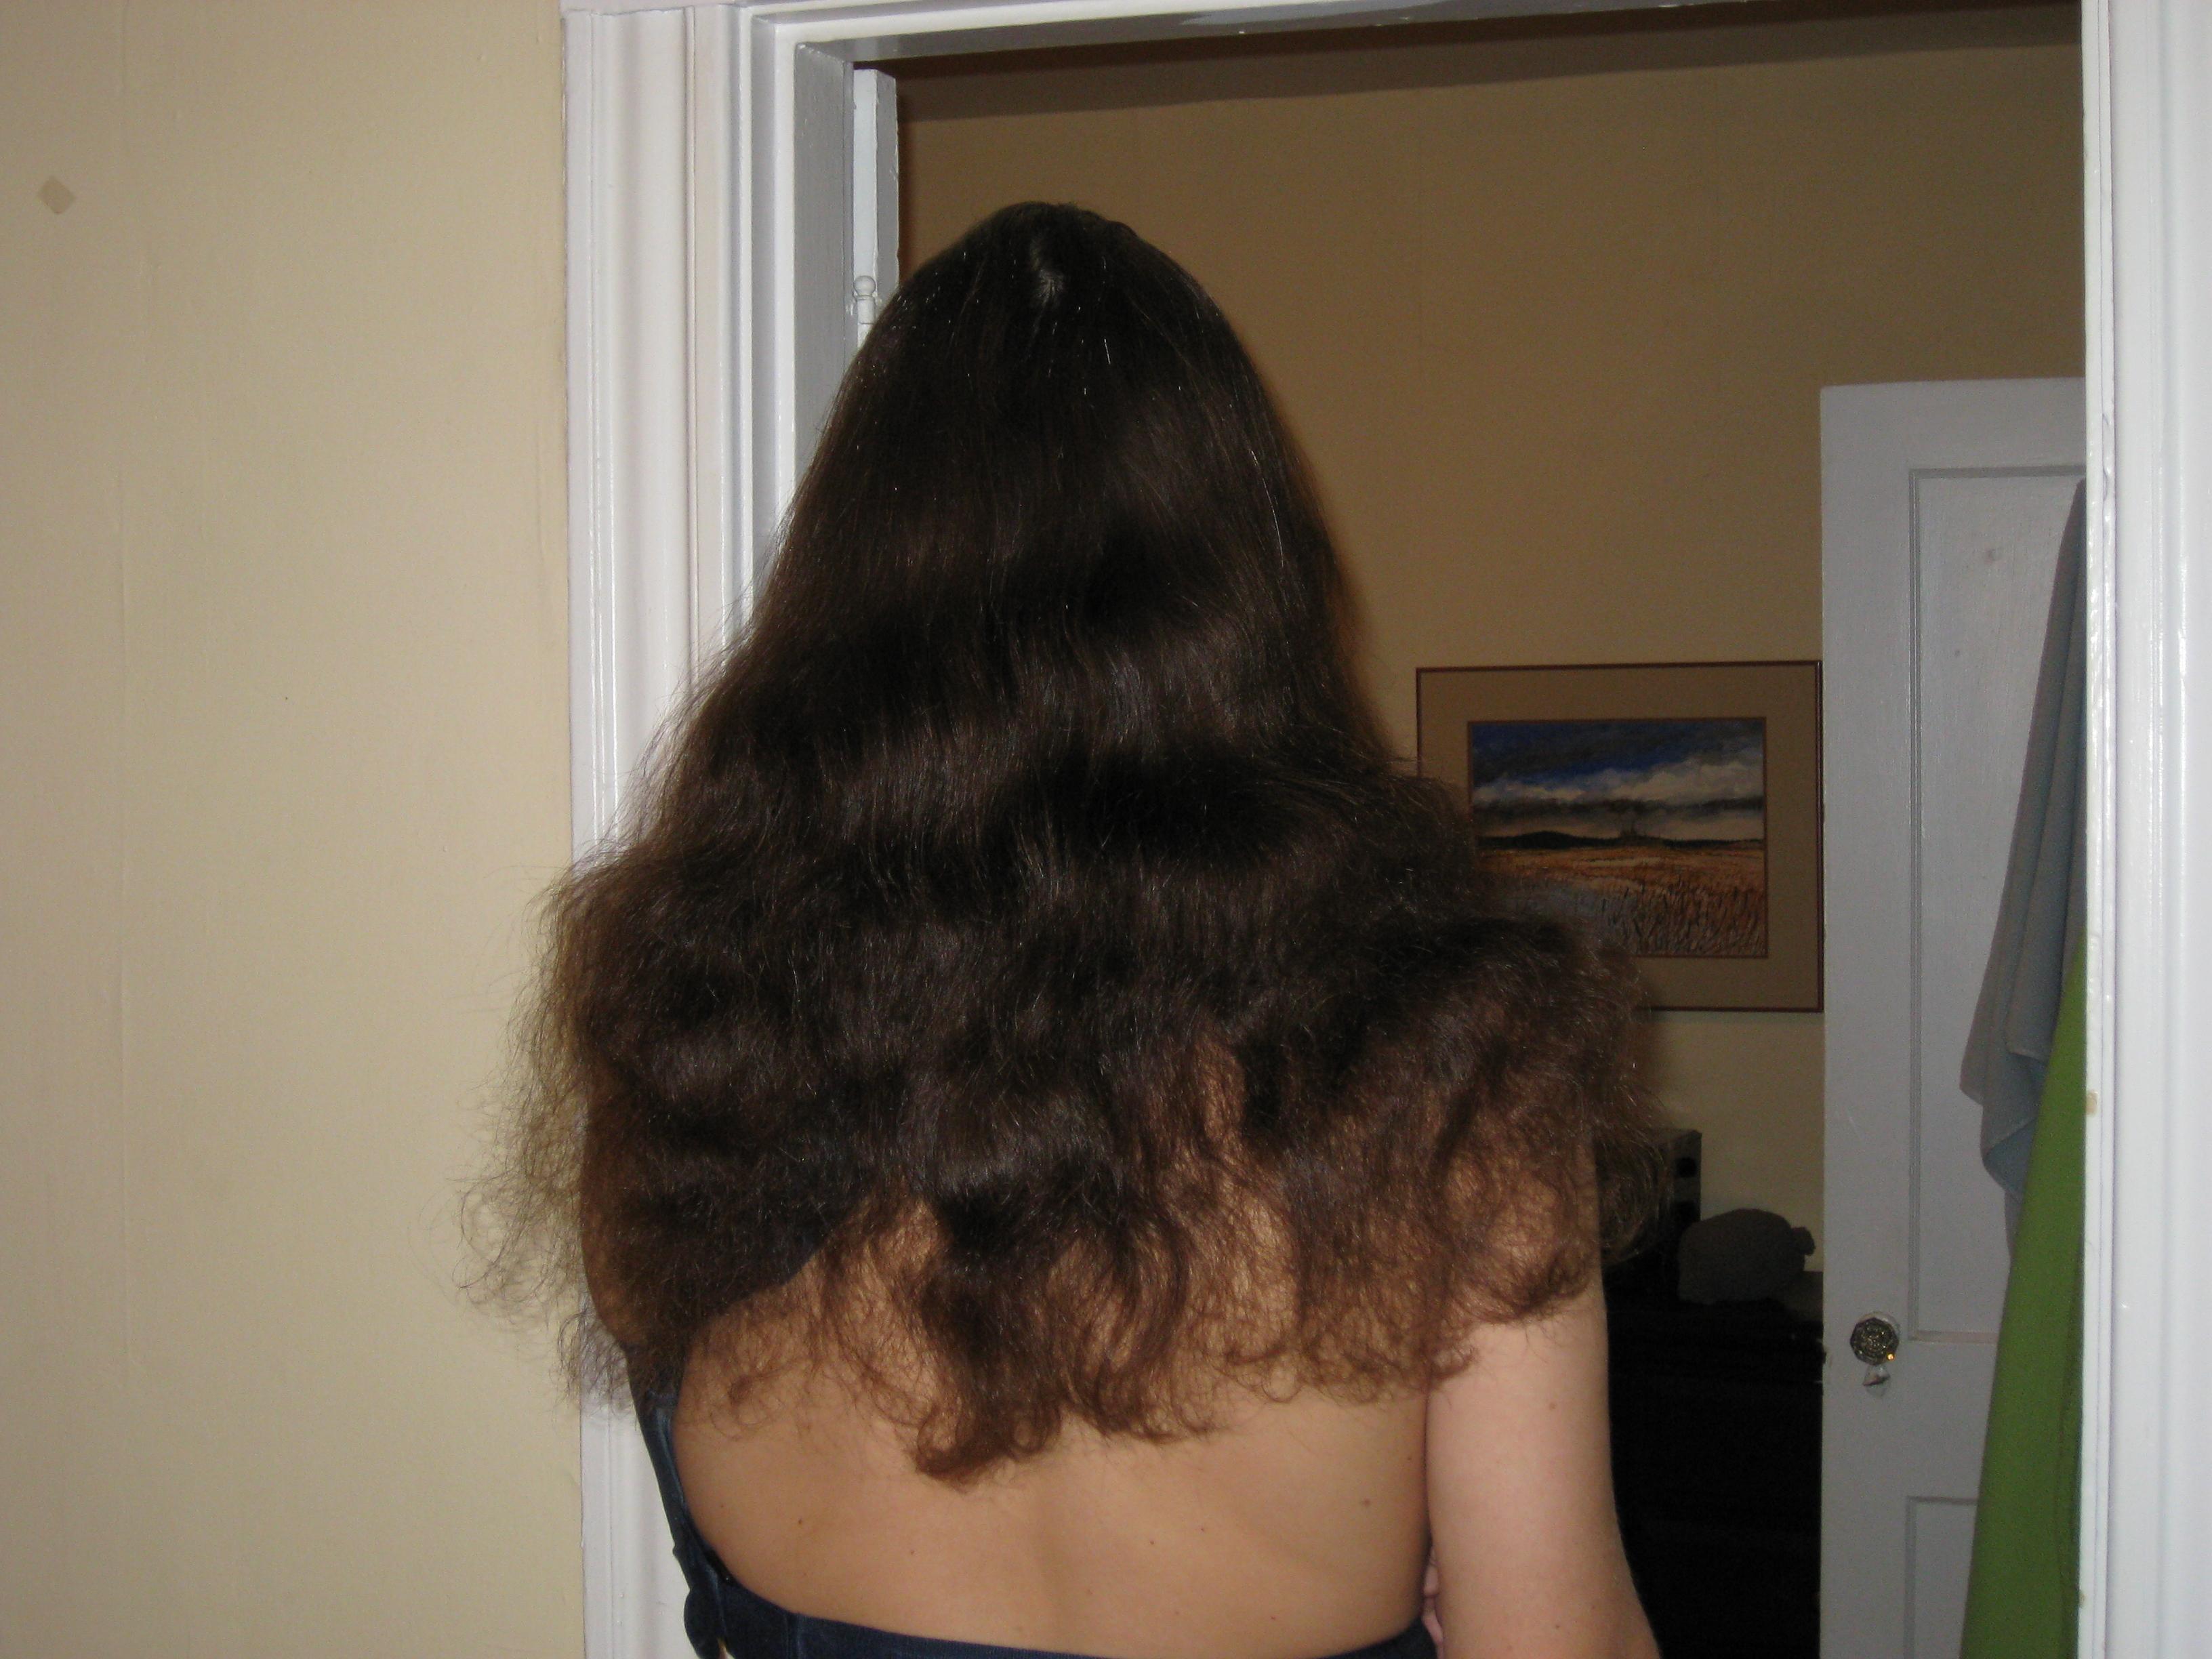 Haircut2.4:8:2010